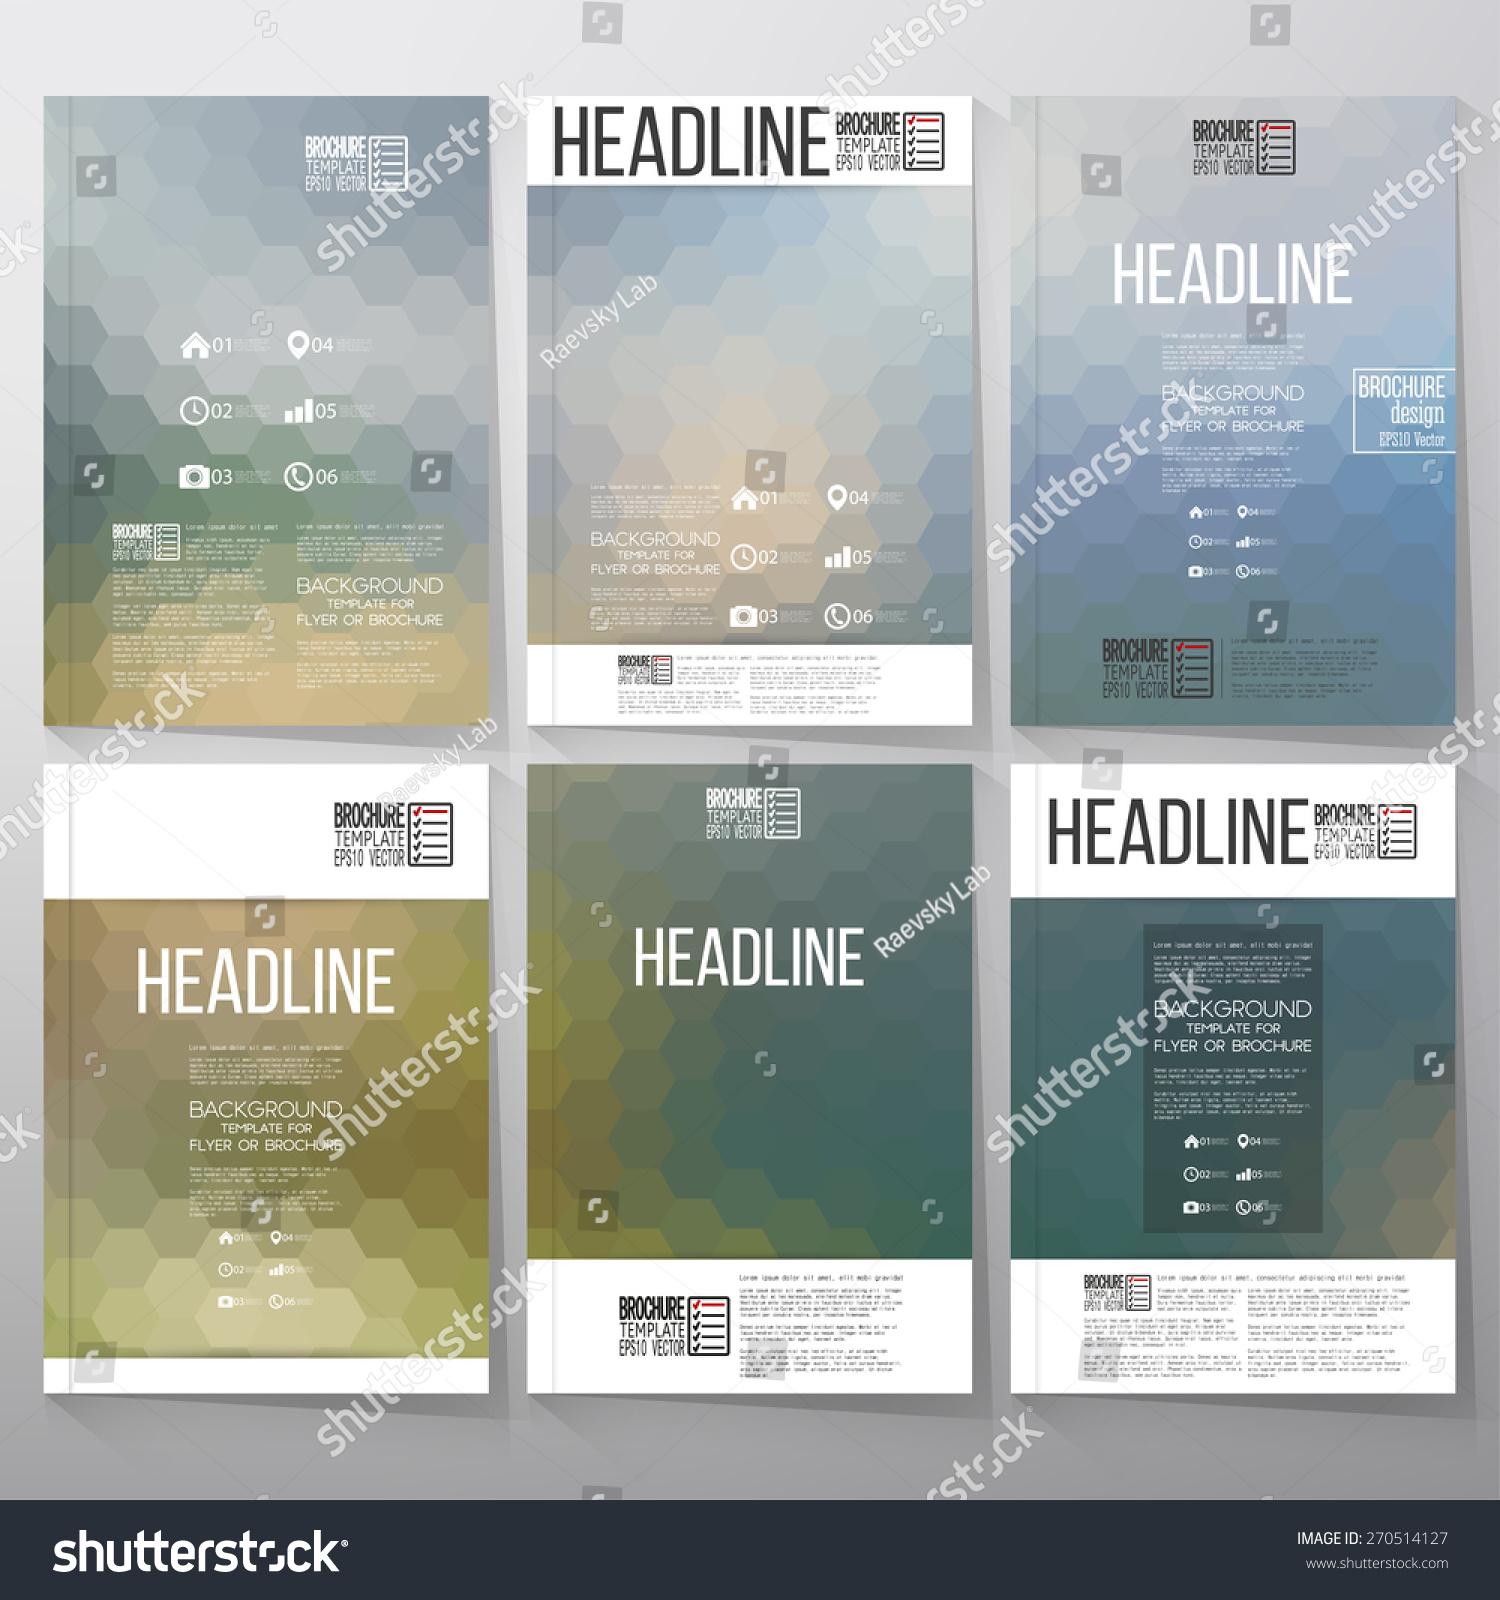 Abstract Blurred Hexagonal Backgrounds Brochure Flyer Vector de ...